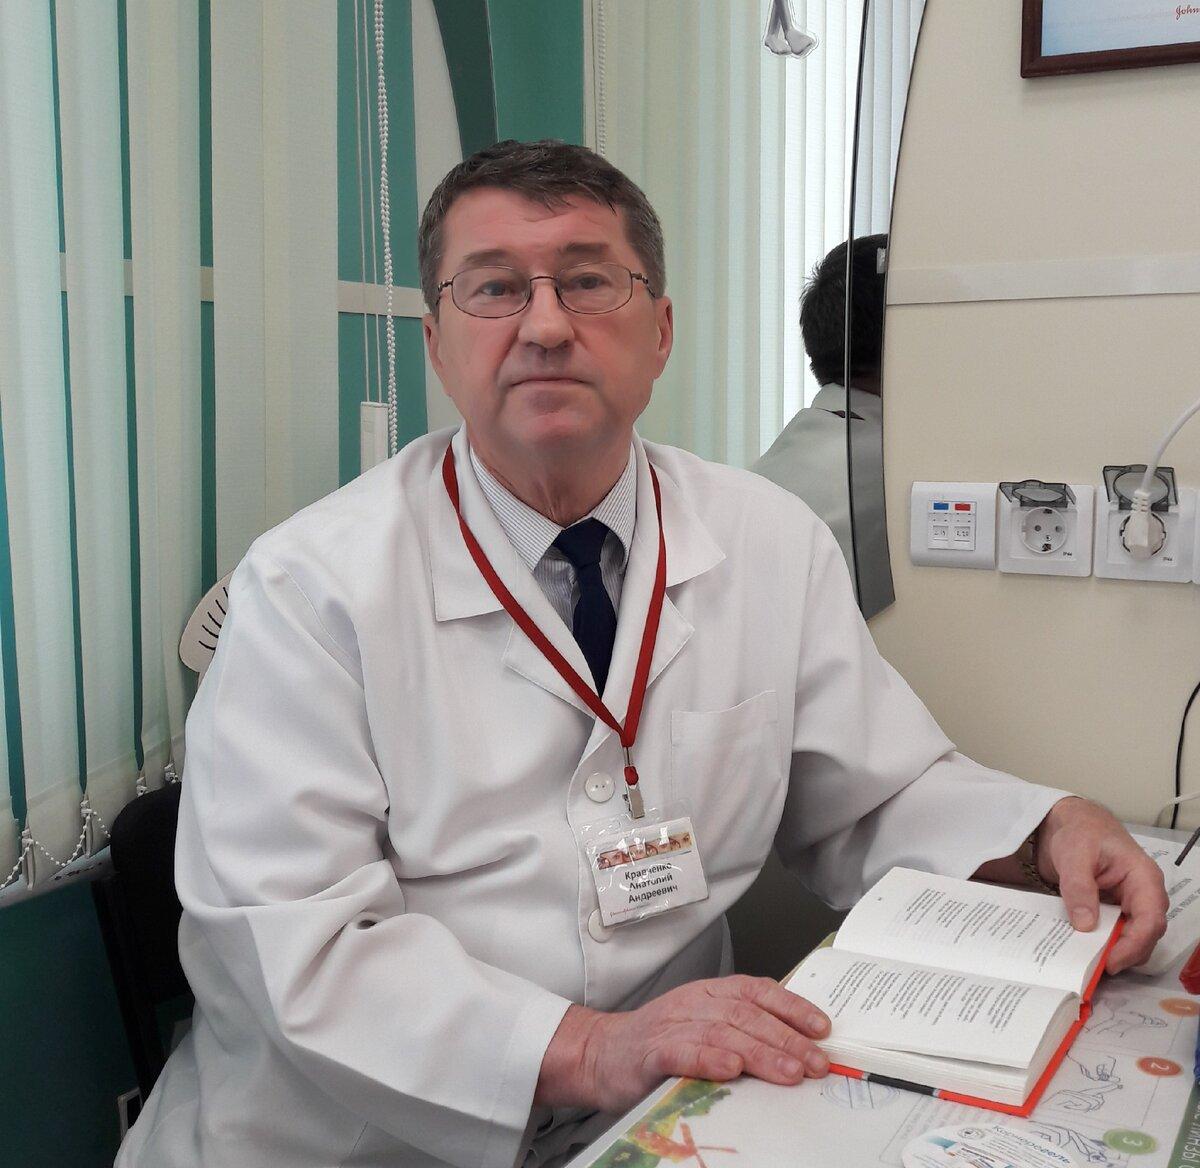 Оренбургский врач-офтальмолог Анатолий Кравченко. Фото Инны Ломанцовой.